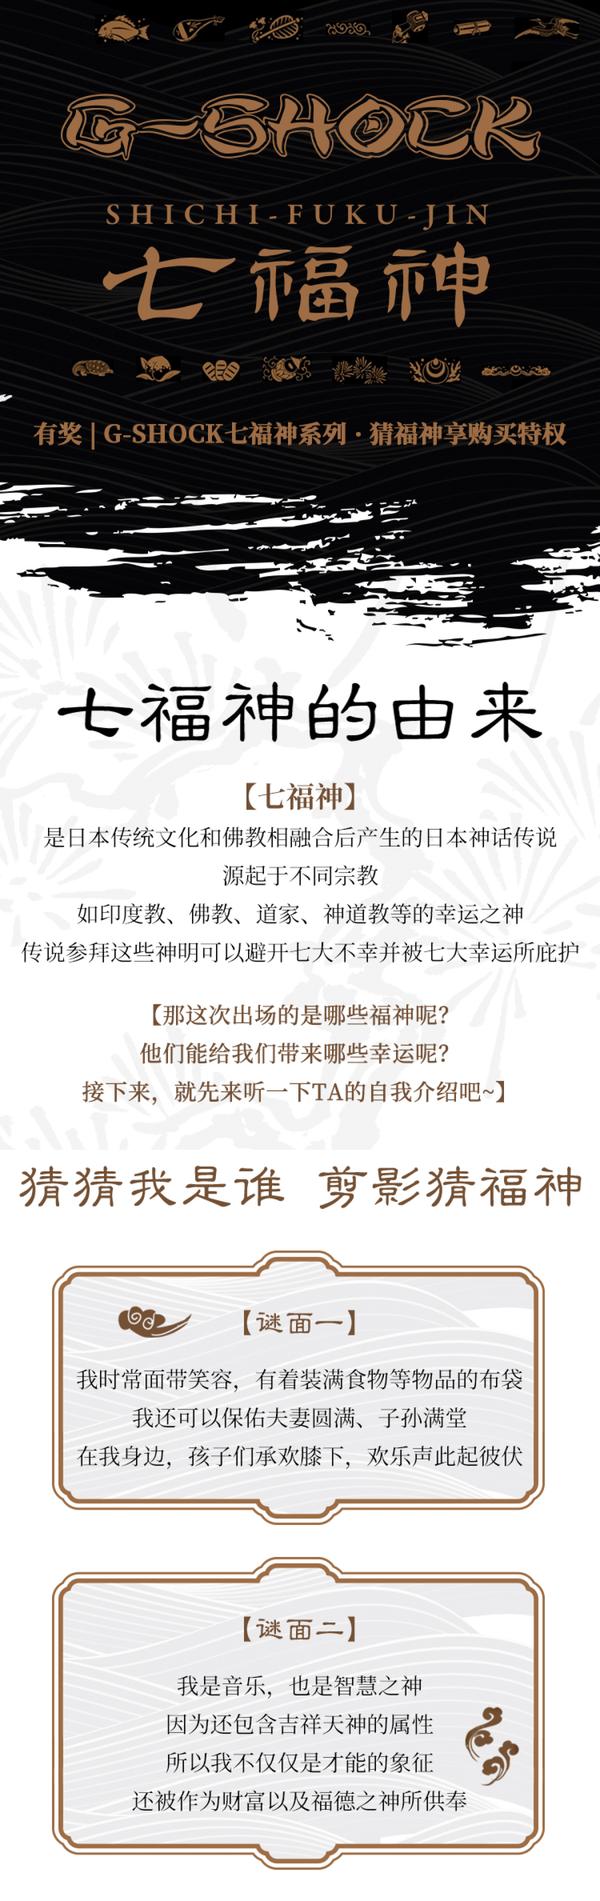 有奖   G-SHOCK七福神系列 · 猜福神享购买特权